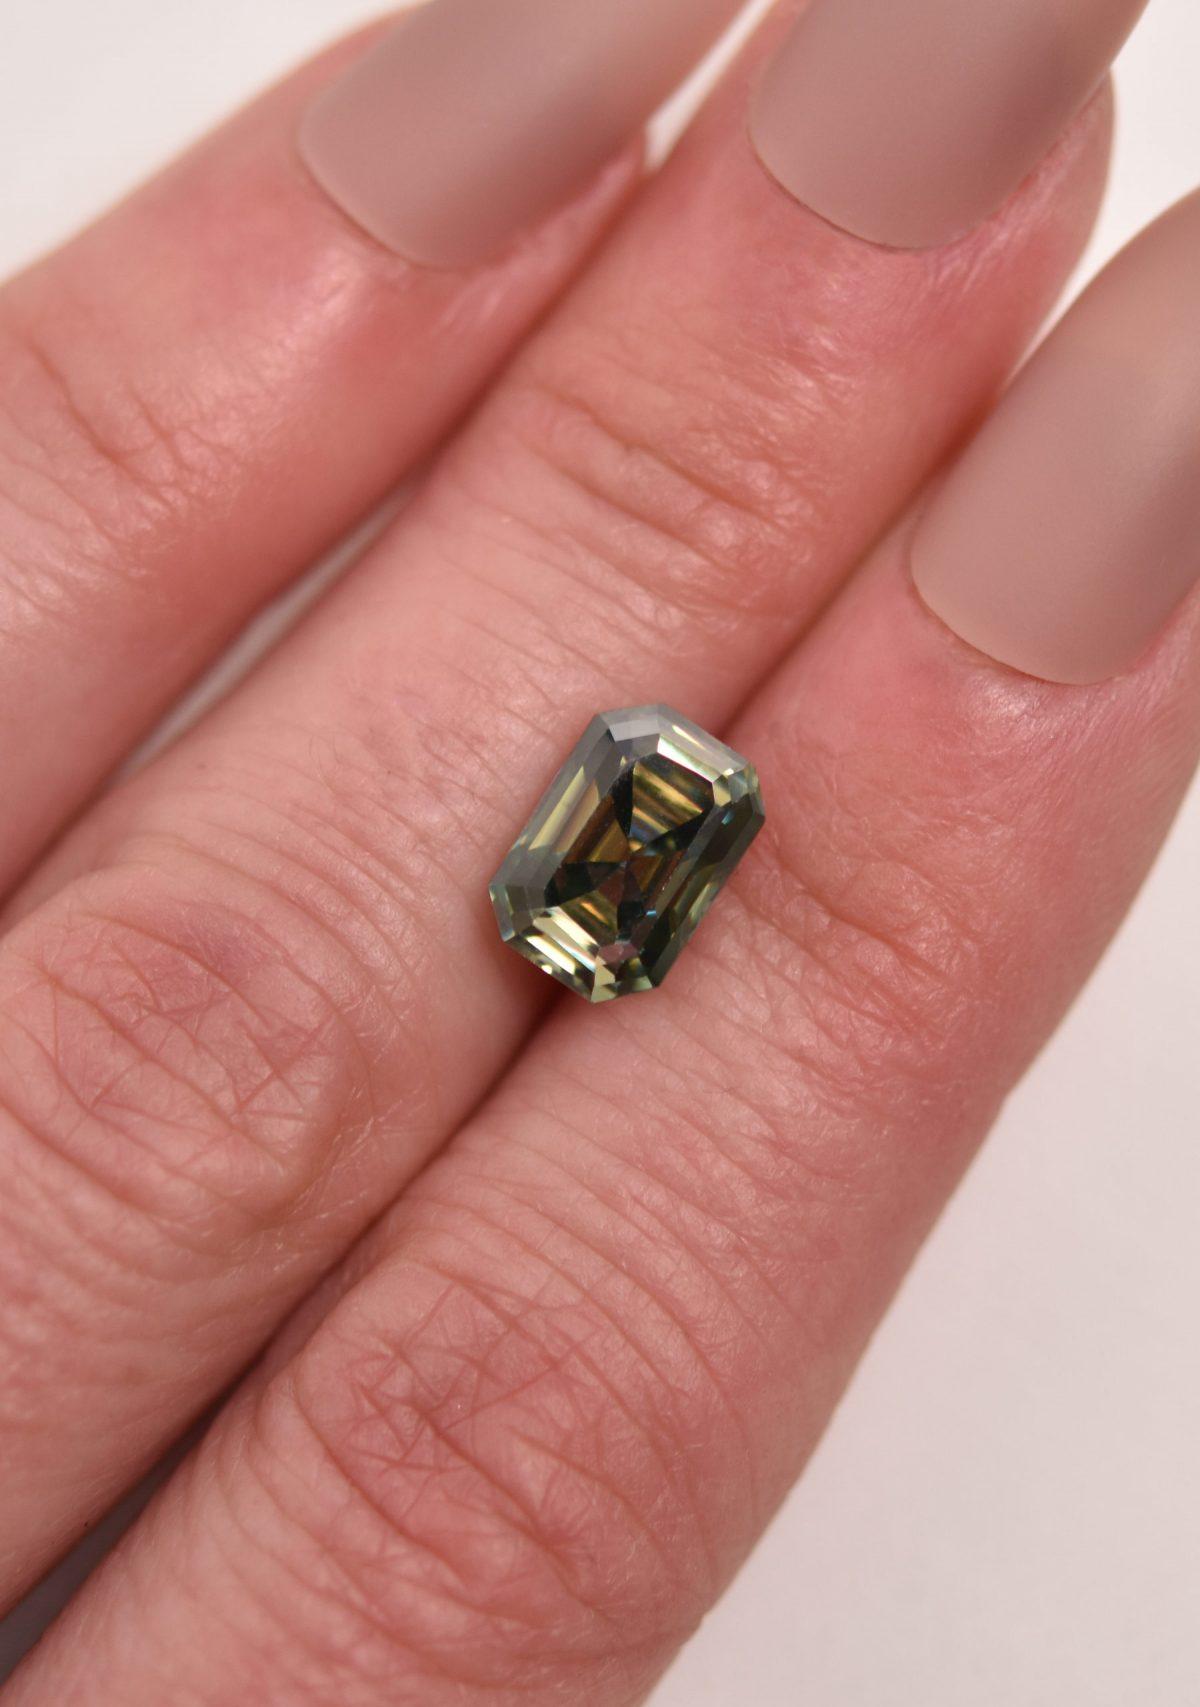 Emeral Cut Green Moissanite for Custom Engagement Ring